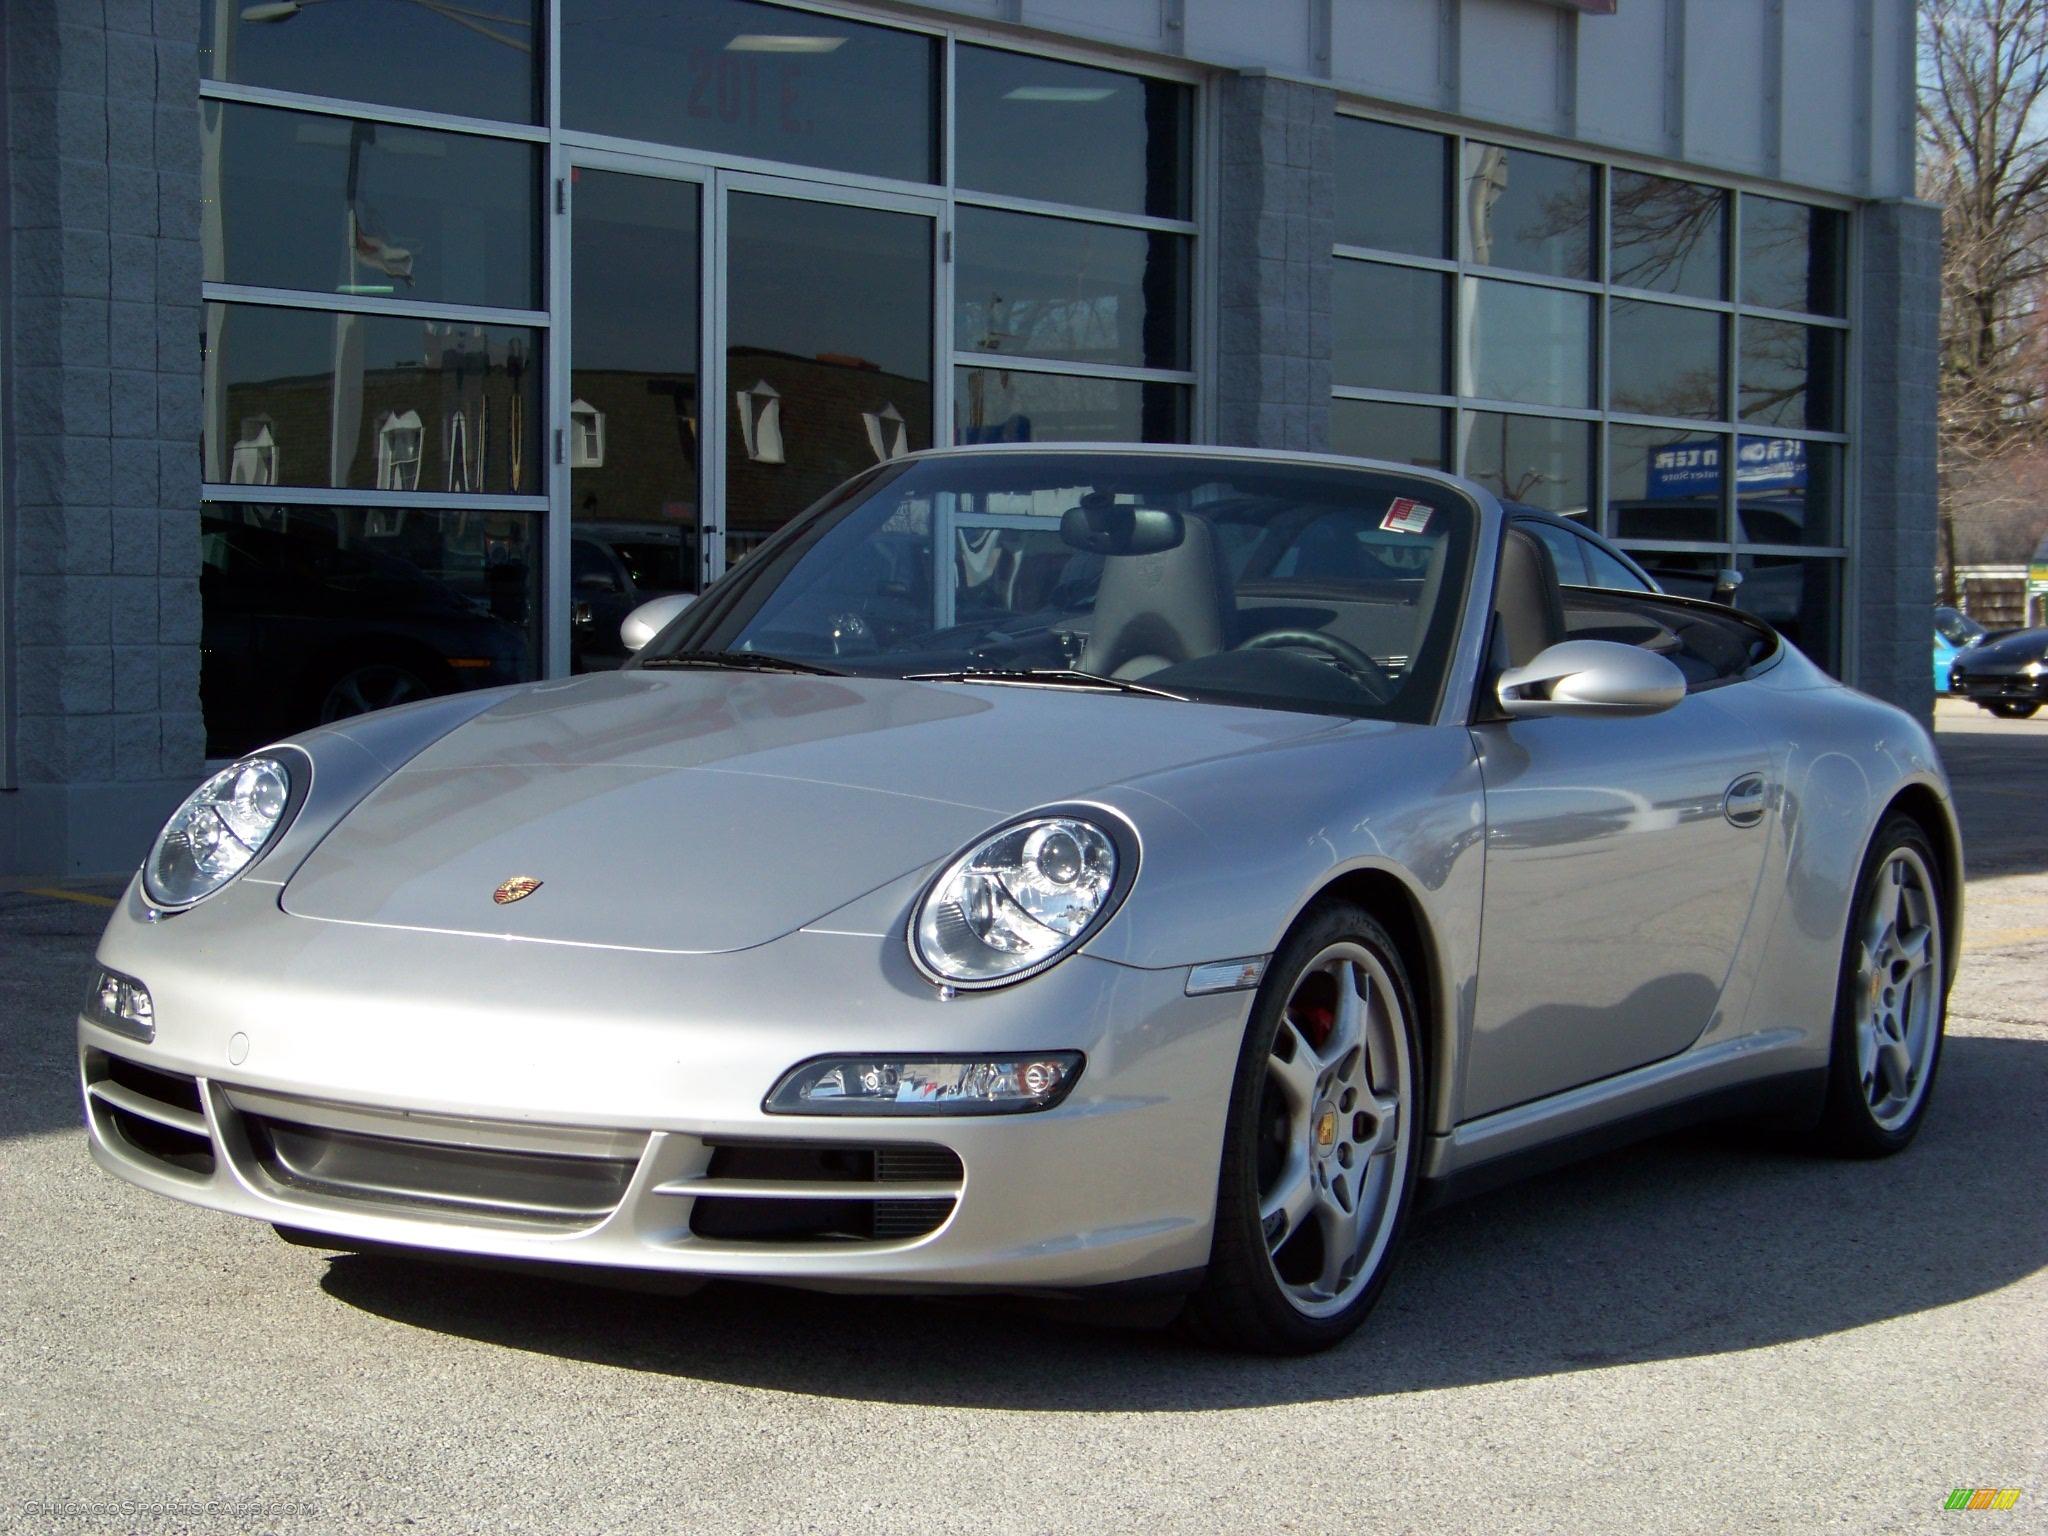 2006 Porsche 911 Carrera 4S Cabriolet in Arctic Silver ...